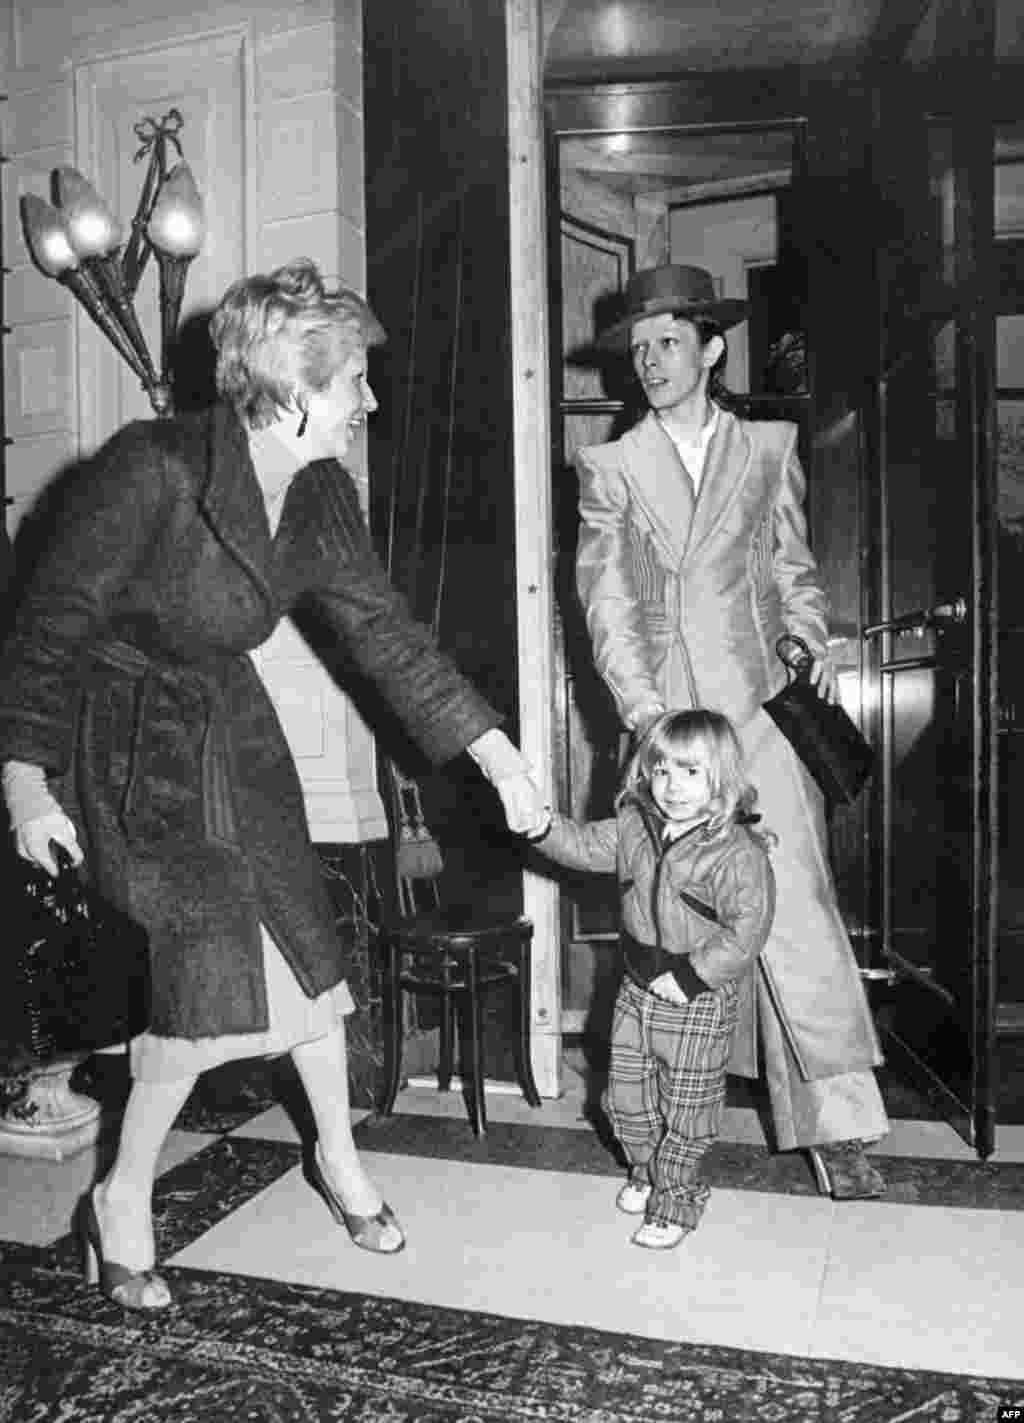 Февраль 1974 года, Боуи, его жена Анджела и их сын Зоуи в Амстердаме после вручения Дэвиду премии за его альбом The Rise and Fall of Ziggy Stardust and the Spiders From Mars